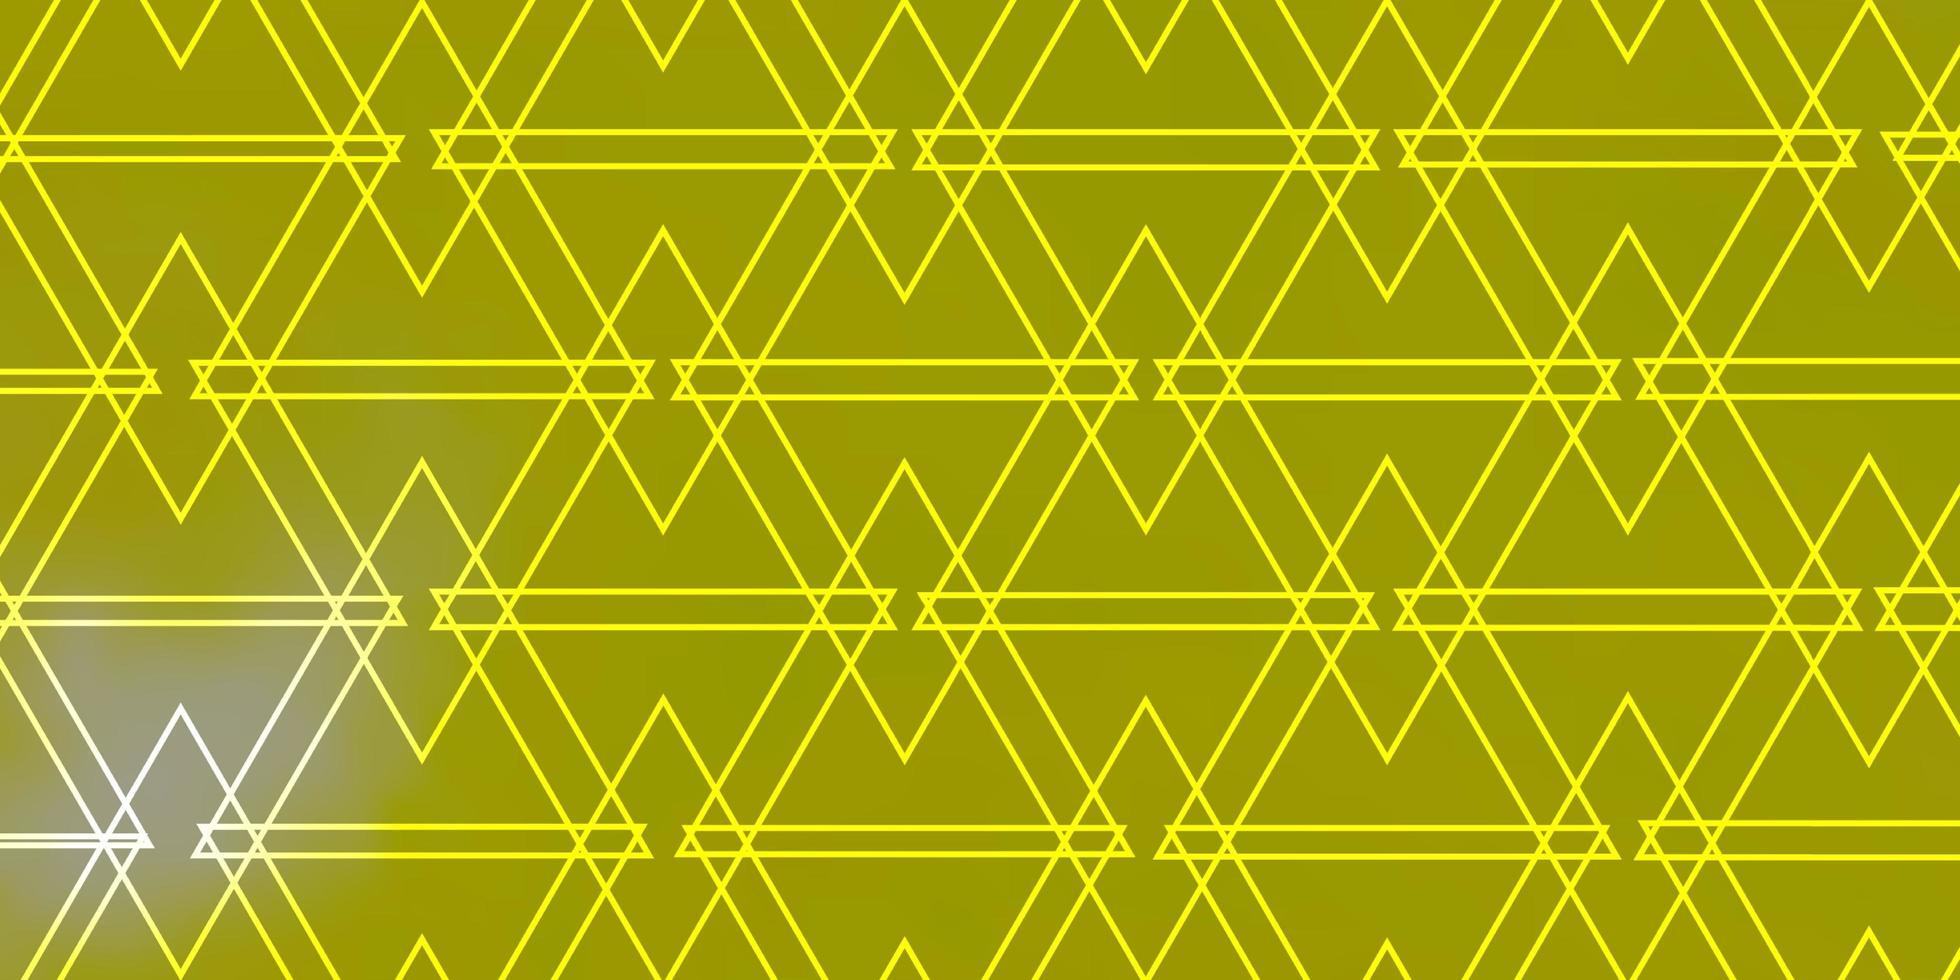 lichtgele vector achtergrond met driehoeken.